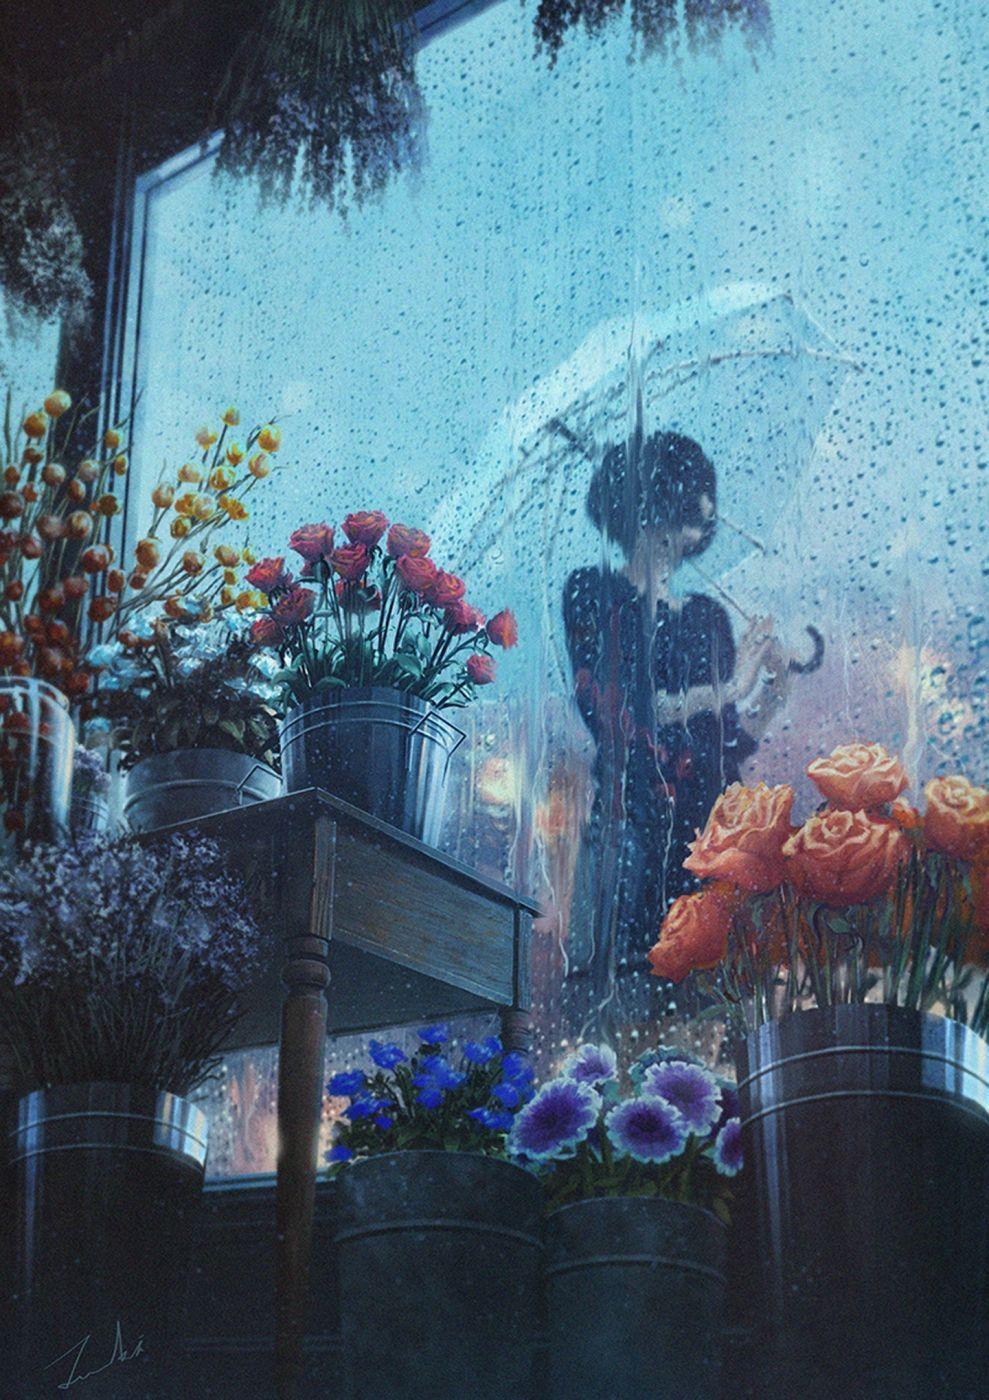 Fantasy Girl Beautiful Flower Rose Rain Umbrella Wallpaper Anime Wallpaper Anime Scenery Aesthetic Anime